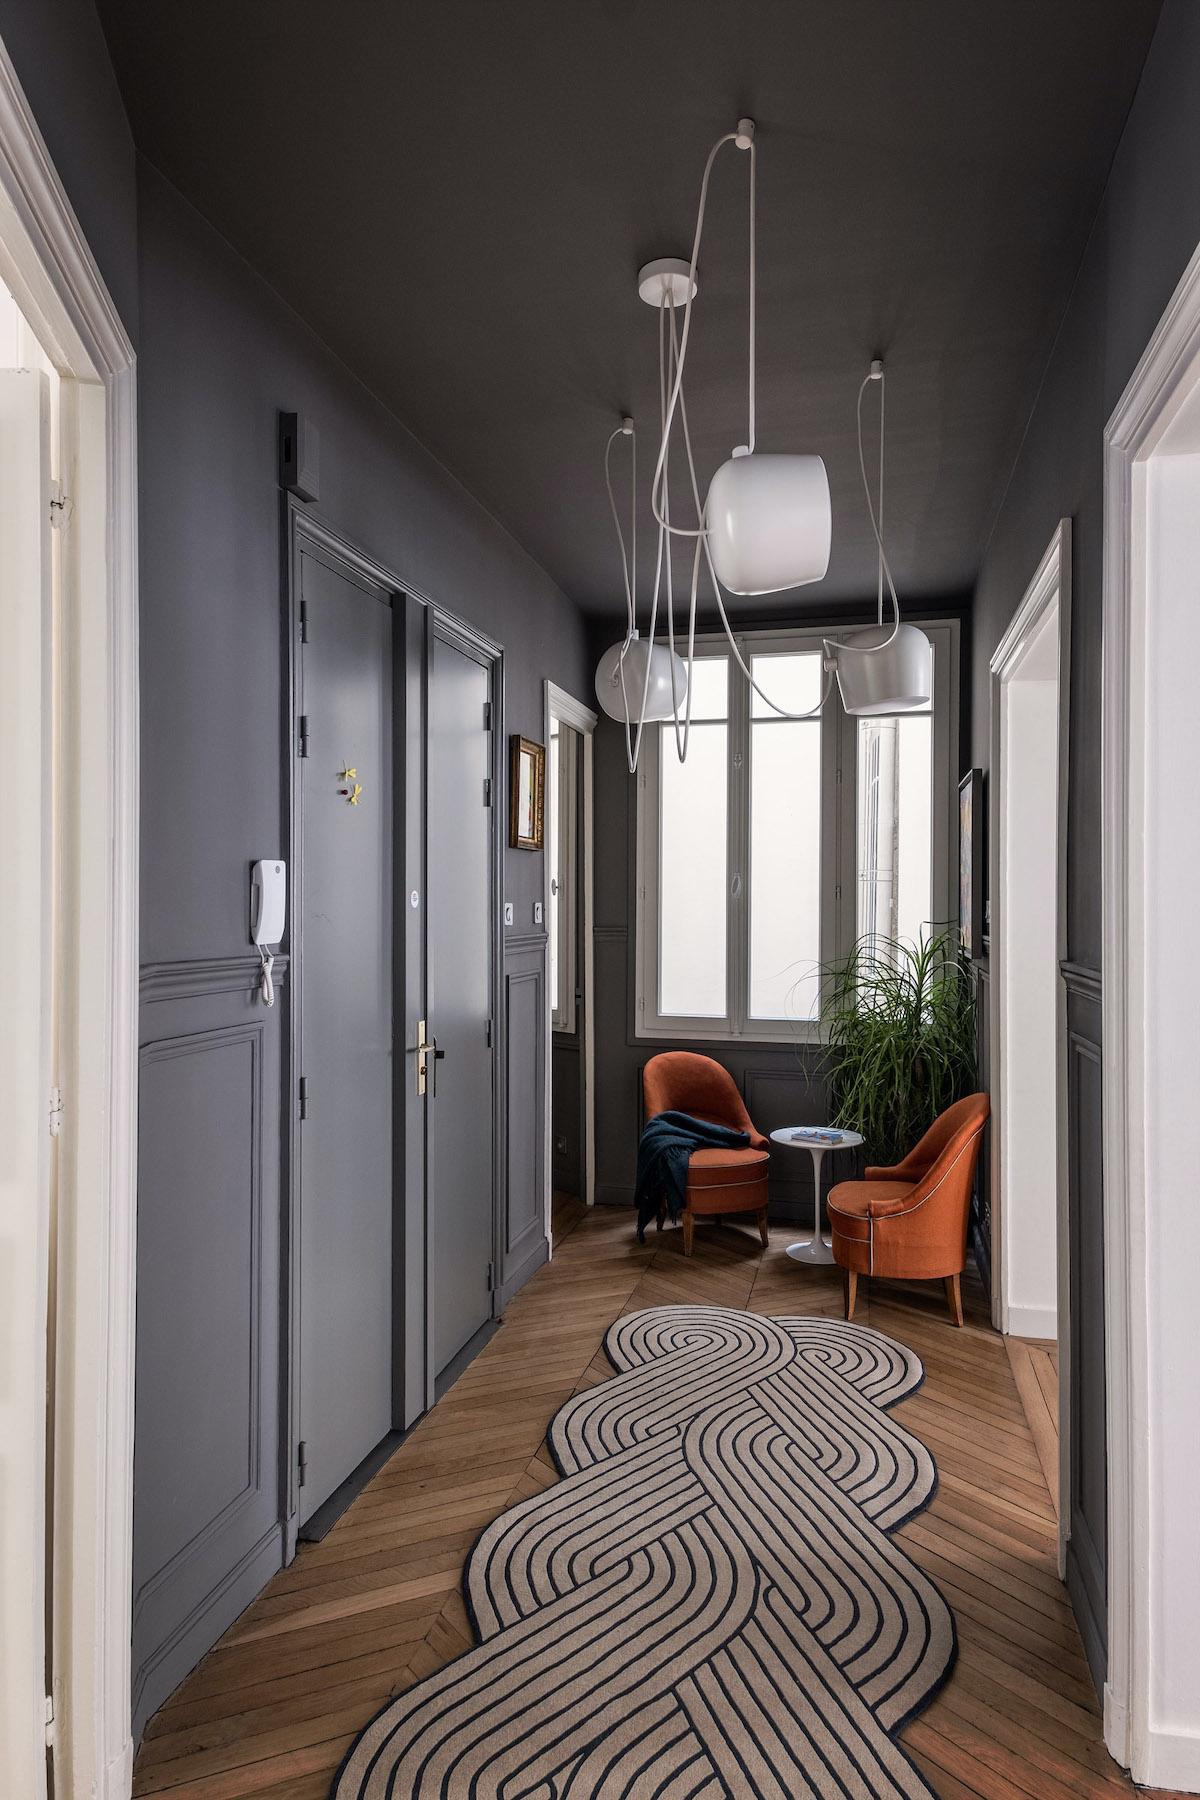 parisien style peinture grise couloir déco moderne suspension bouroullec AIM Flos